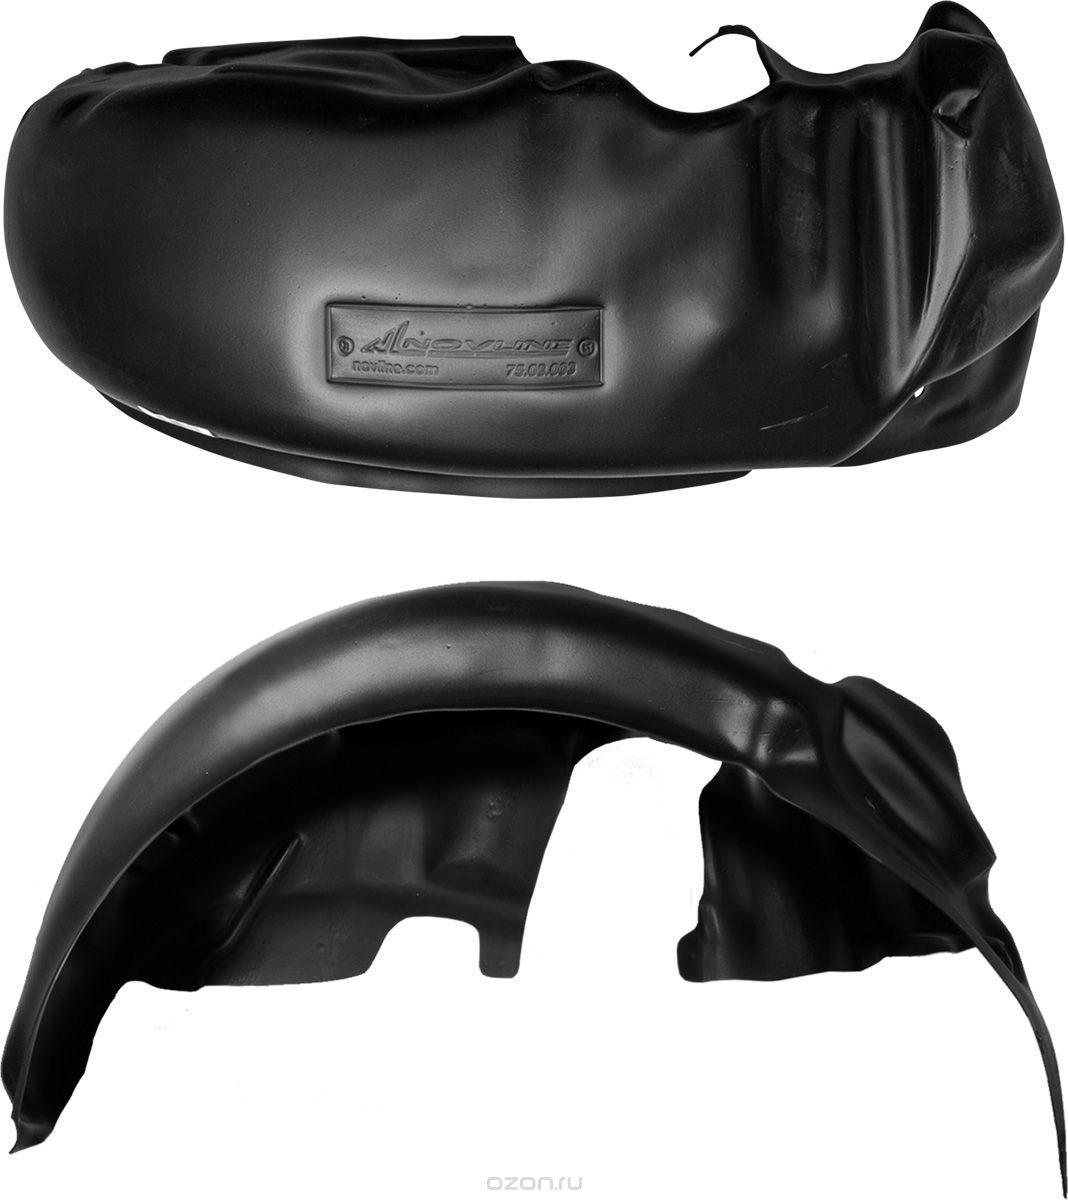 Подкрылок Novline-Autofamily, для TOYOTA Yaris 01/2006-2013, передний левыйNLL.48.10.001Идеальная защита колесной ниши. Локеры разработаны с применением цифровых технологий, гарантируют максимальную повторяемость поверхности арки. Изделия устанавливаются без нарушения лакокрасочного покрытия автомобиля, каждый подкрылок комплектуется крепежом. Уважаемые клиенты, обращаем ваше внимание, что фотографии на подкрылки универсальные и не отражают реальную форму изделия. При этом само изделие идет точно под размер указанного автомобиля.